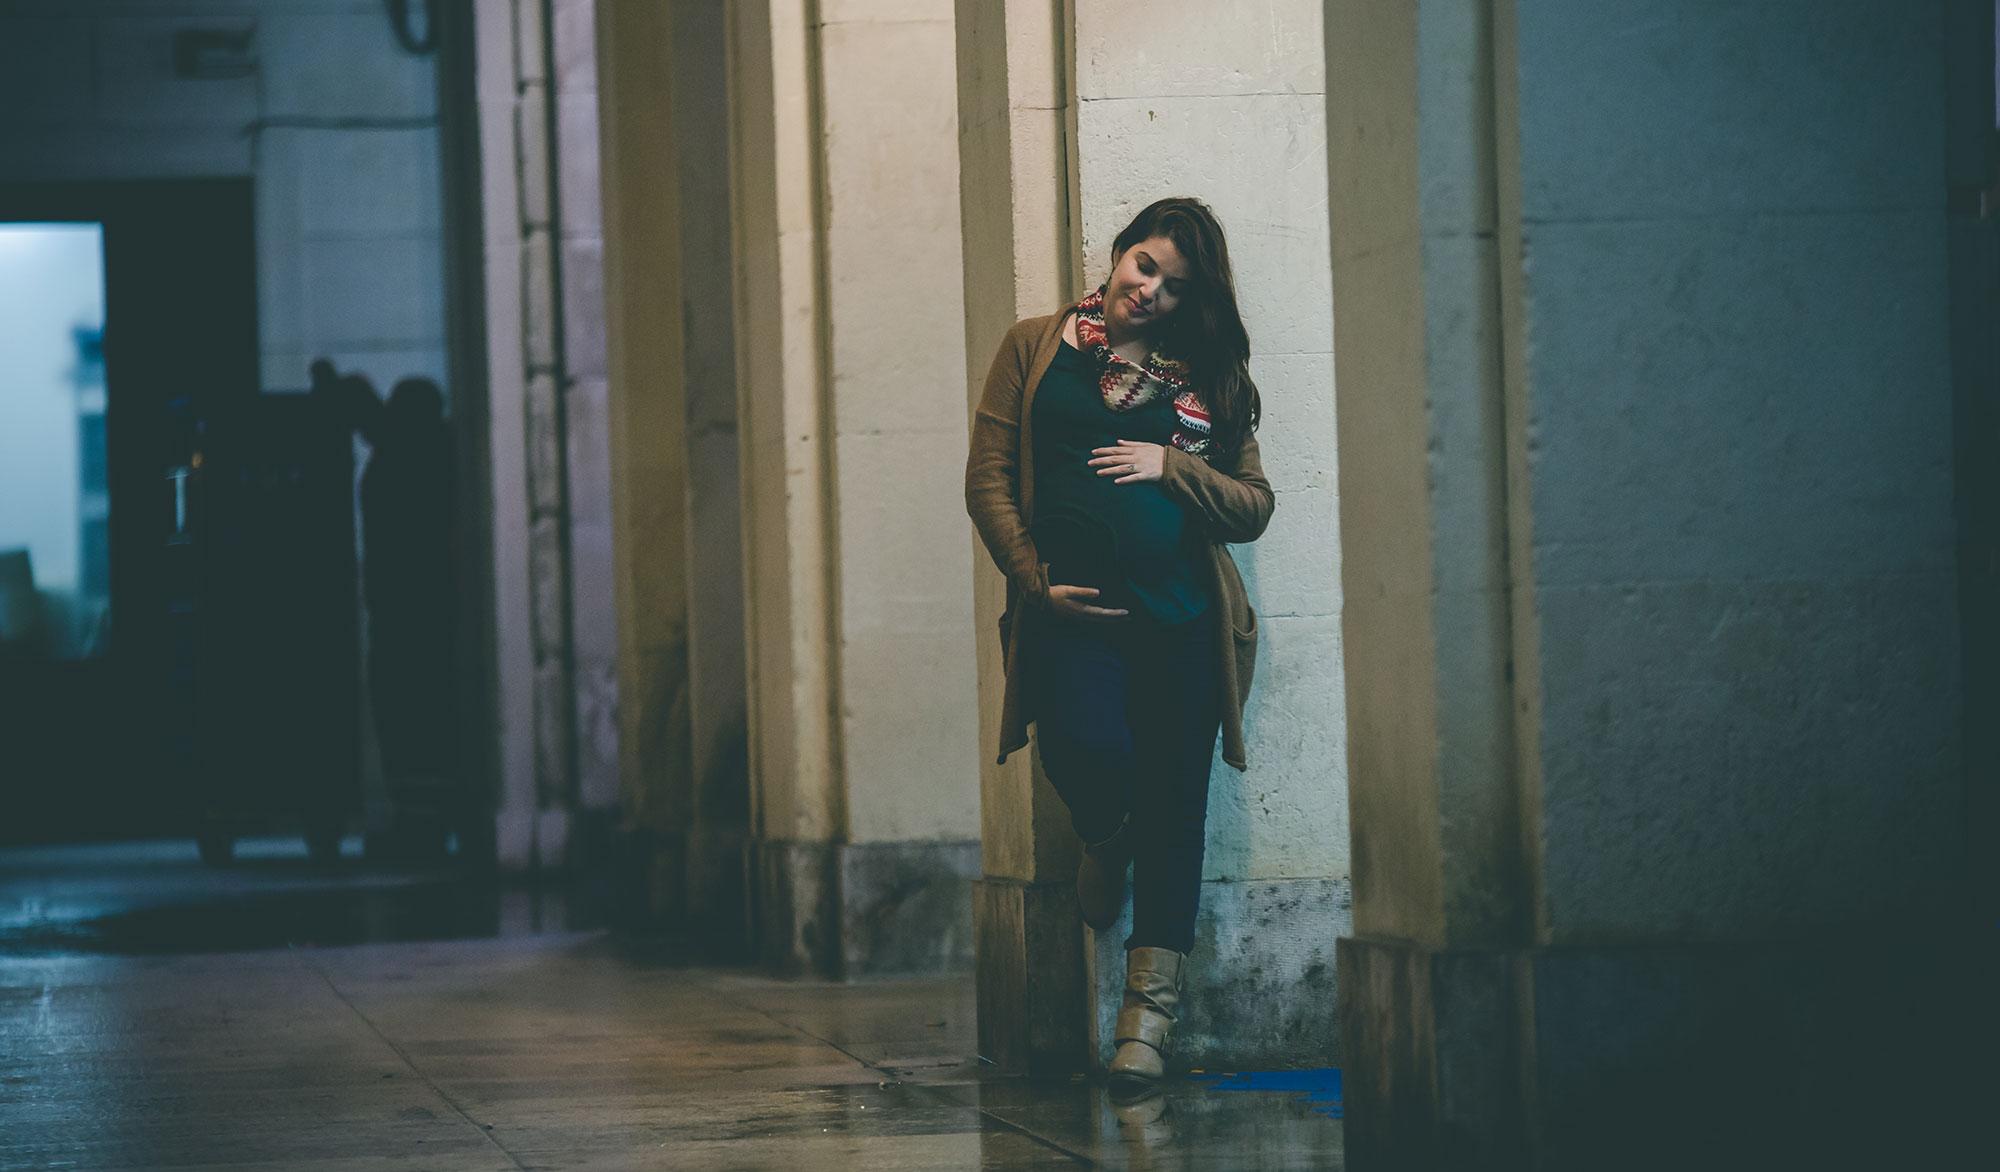 fotografía urbana de embarazo en Alicante